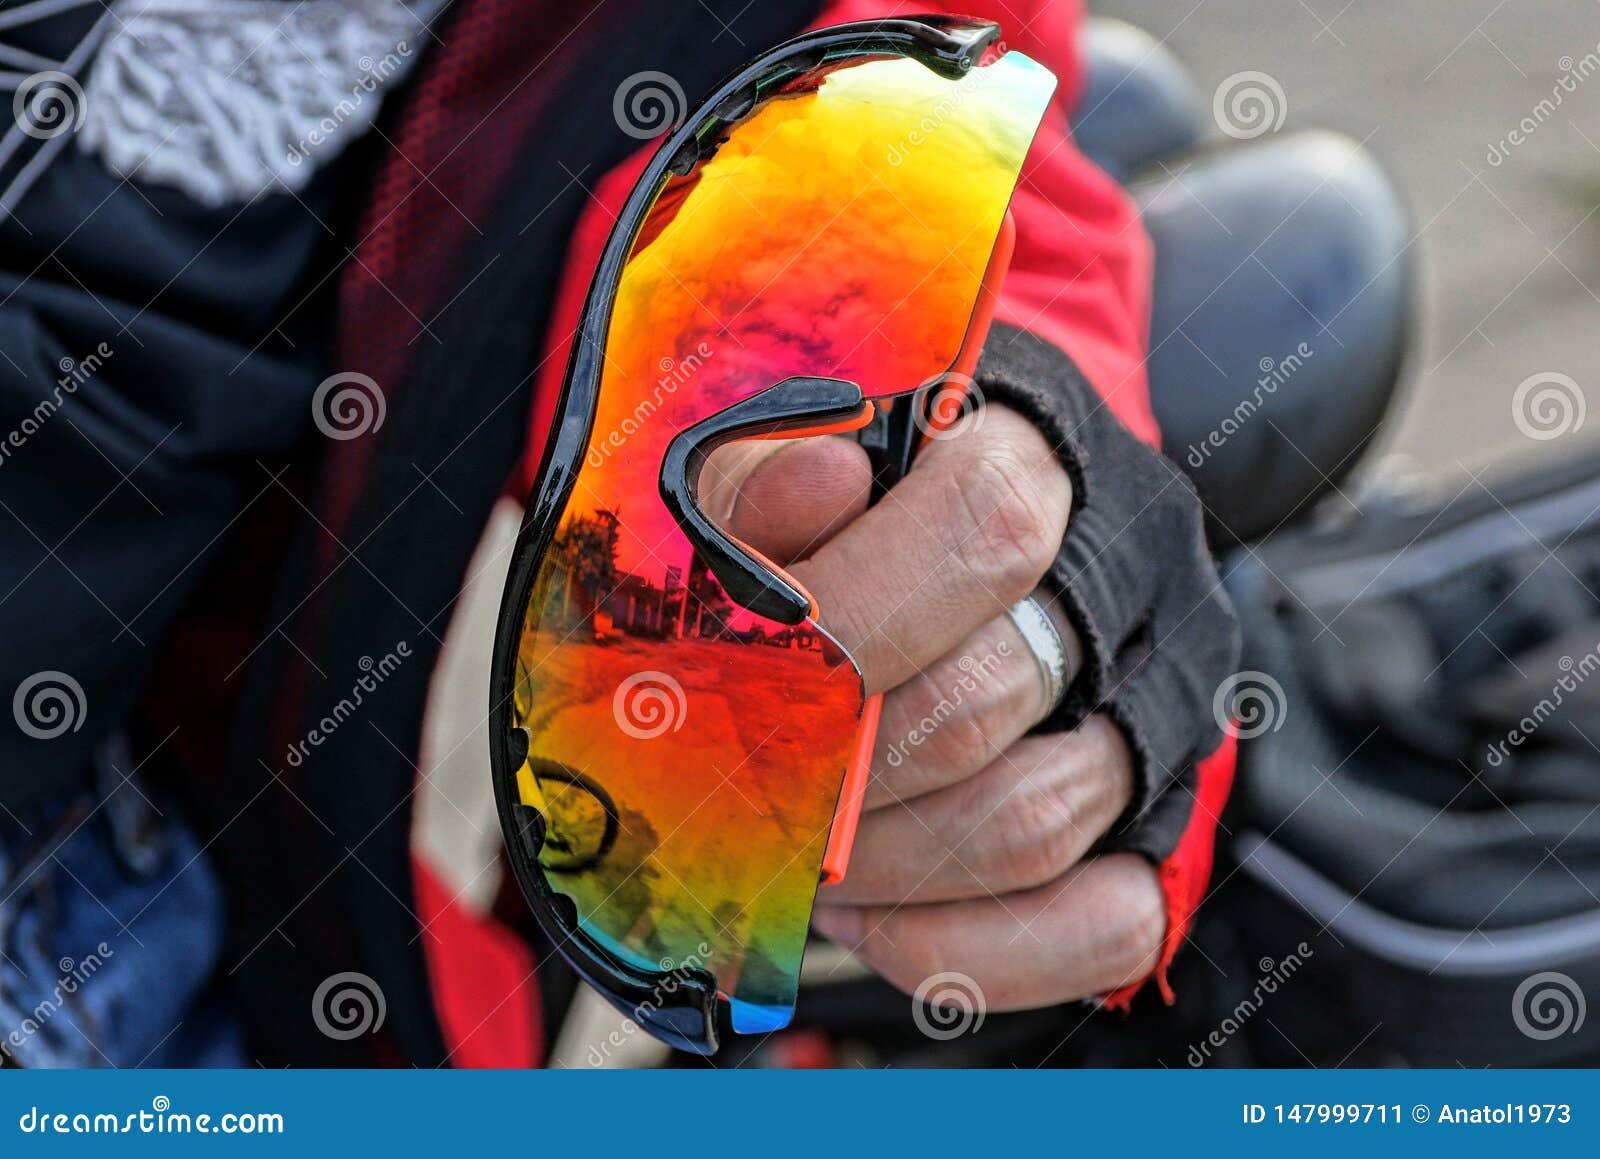 Den behandskade handen rymmer kulöra sportexponeringsglas